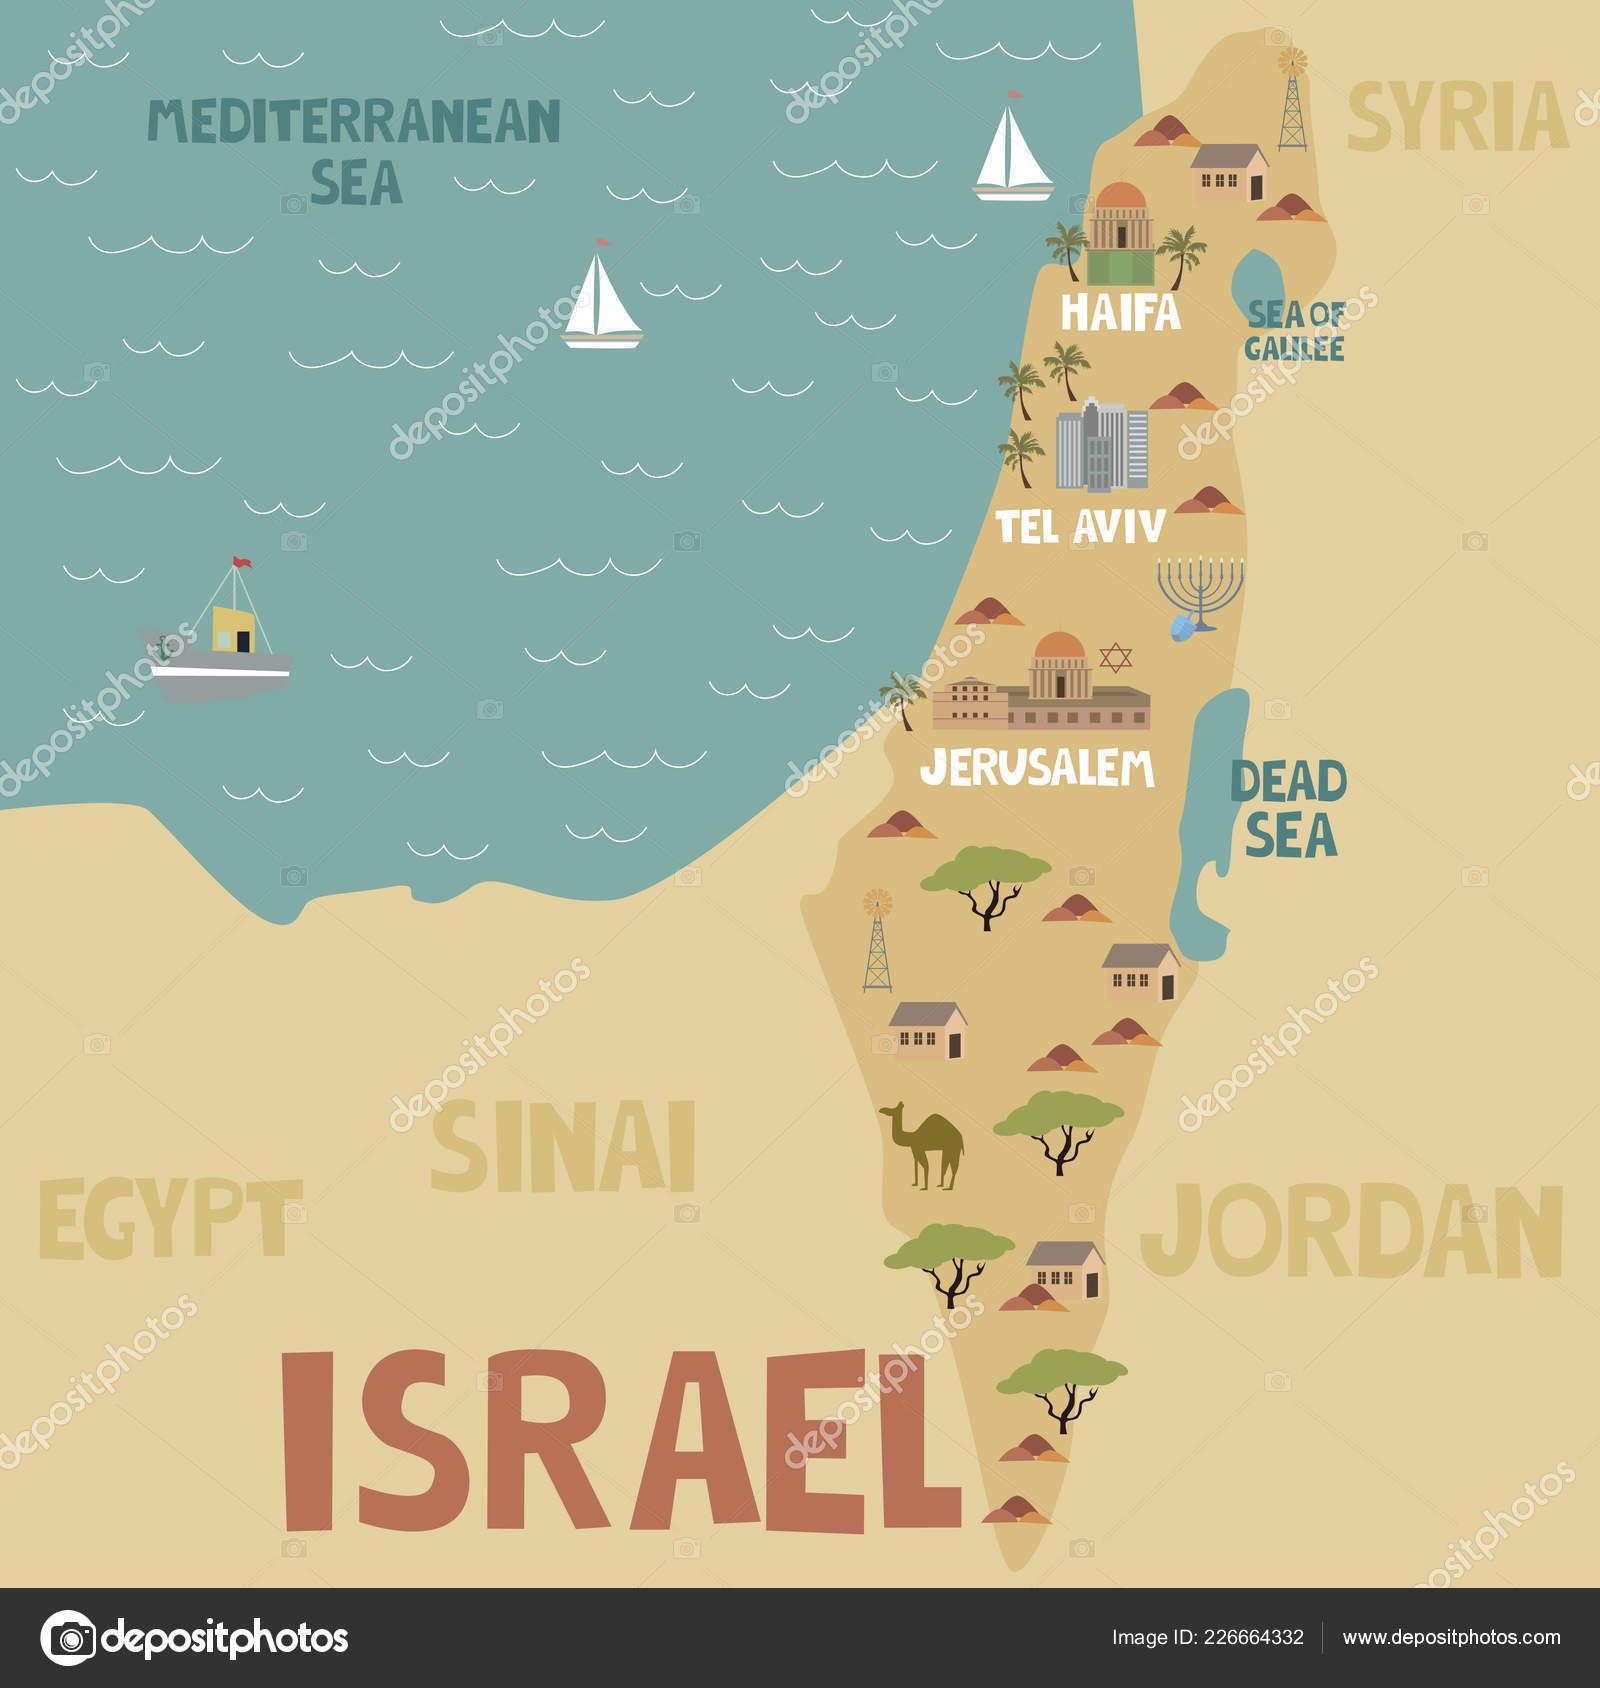 Israel Karte.Abbildung Karte Von Israel Mit Stadt Sehenswürdigkeiten Und Natur